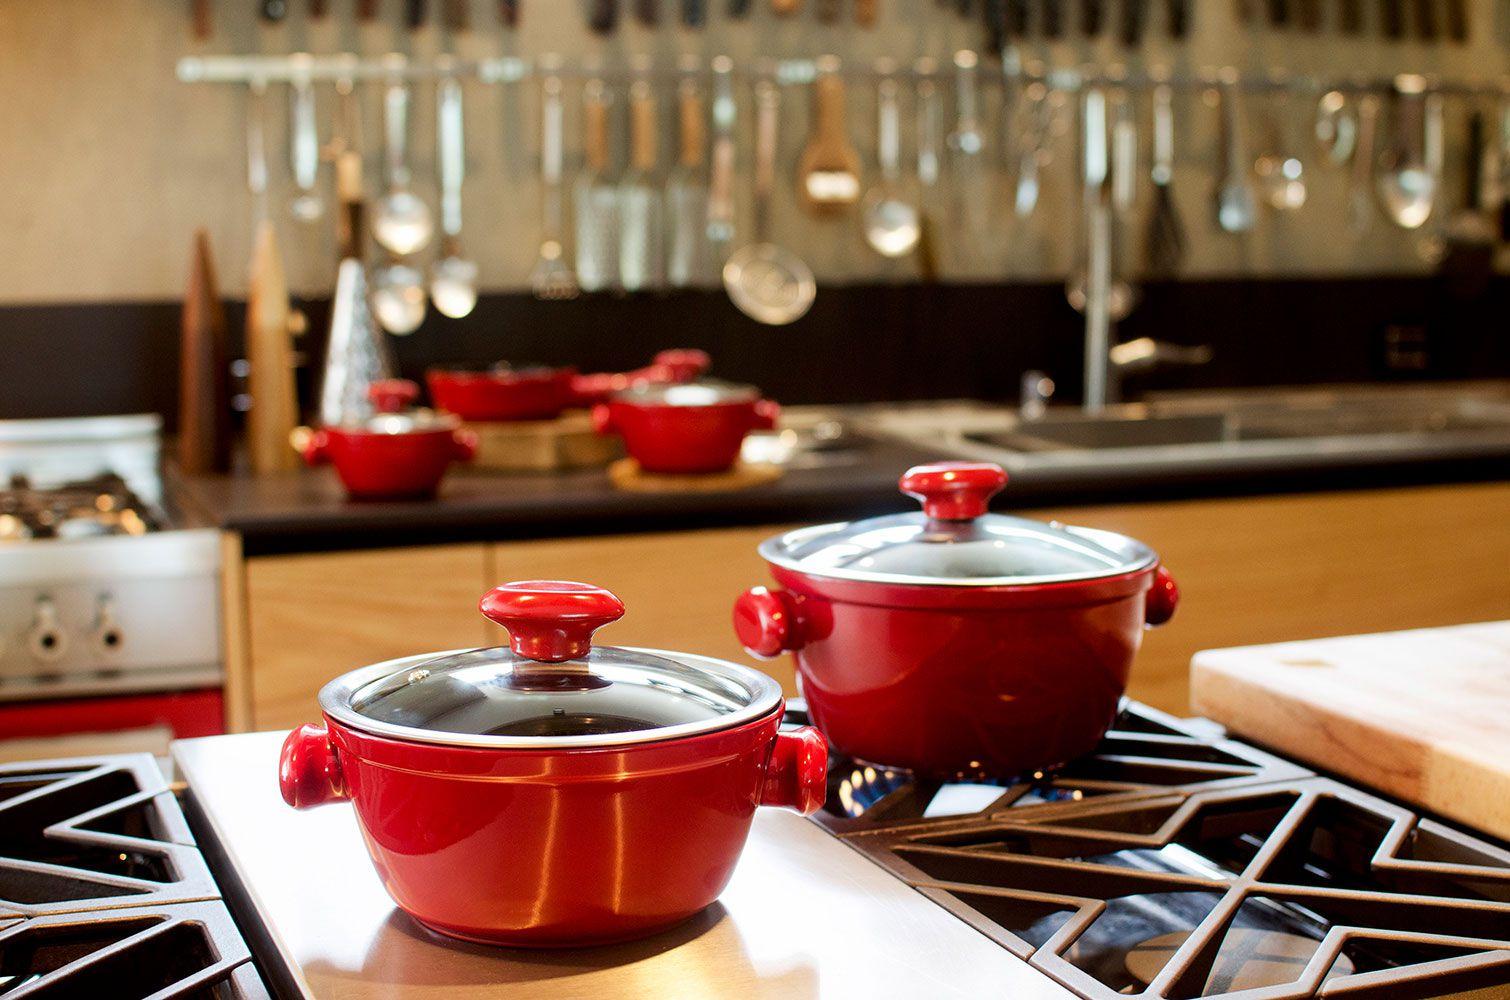 Caçarola 22 cm - 3 litros - Vermelha - Linha Chef - Ceraflame  - Lojão de Ofertas